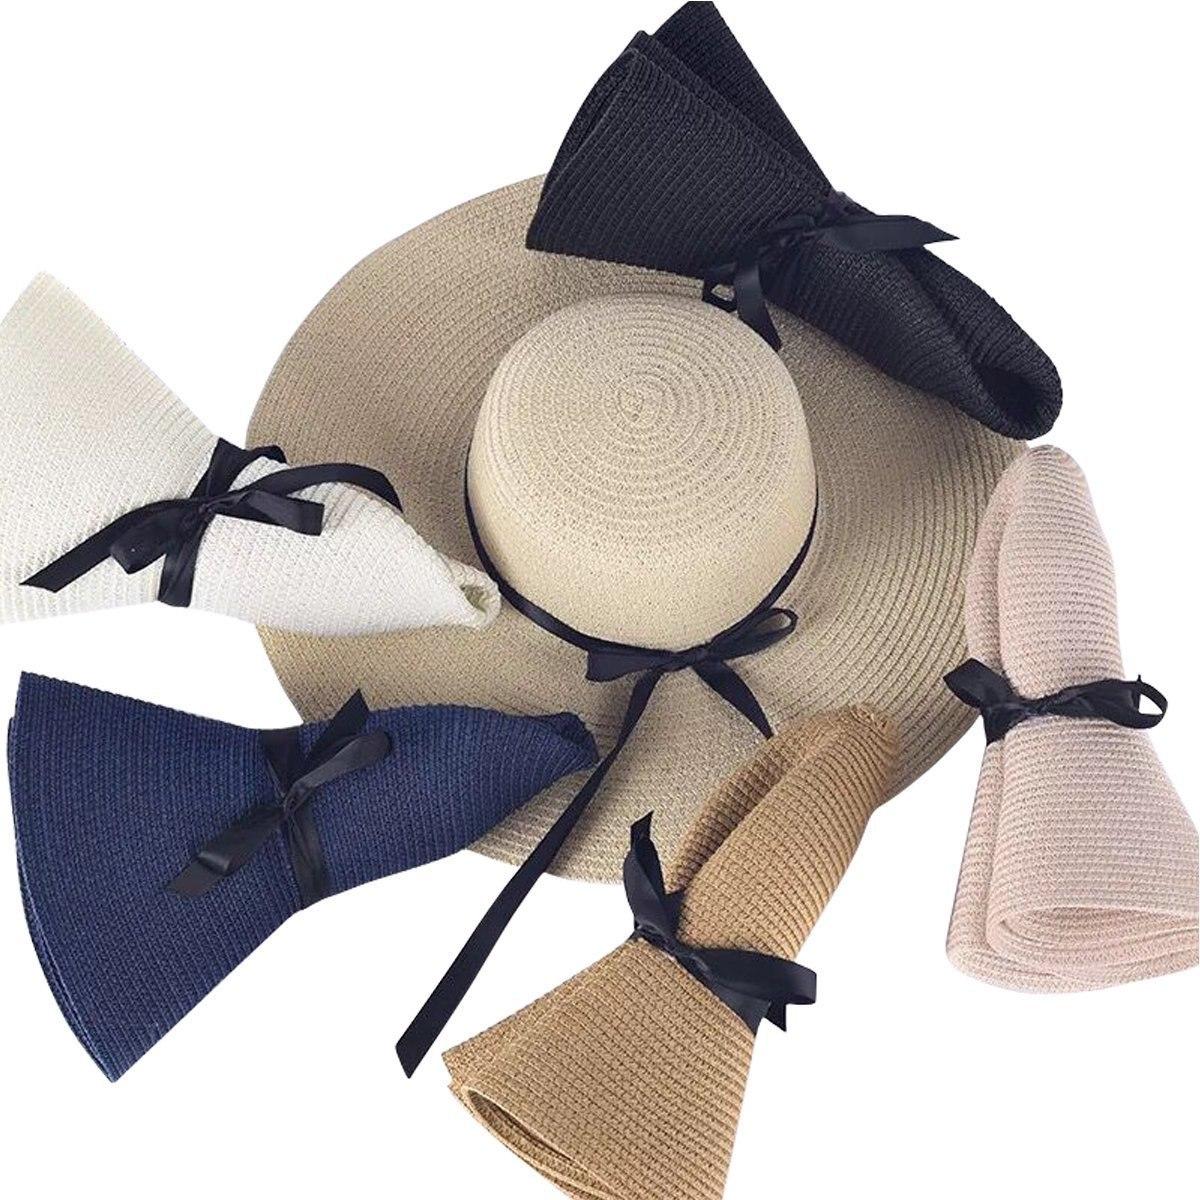 5a71cfcfba6dc sombrero de ala grande para mujer sombrero de paja plegable. Cargando zoom...  sombrero mujer sombrero. Cargando zoom.